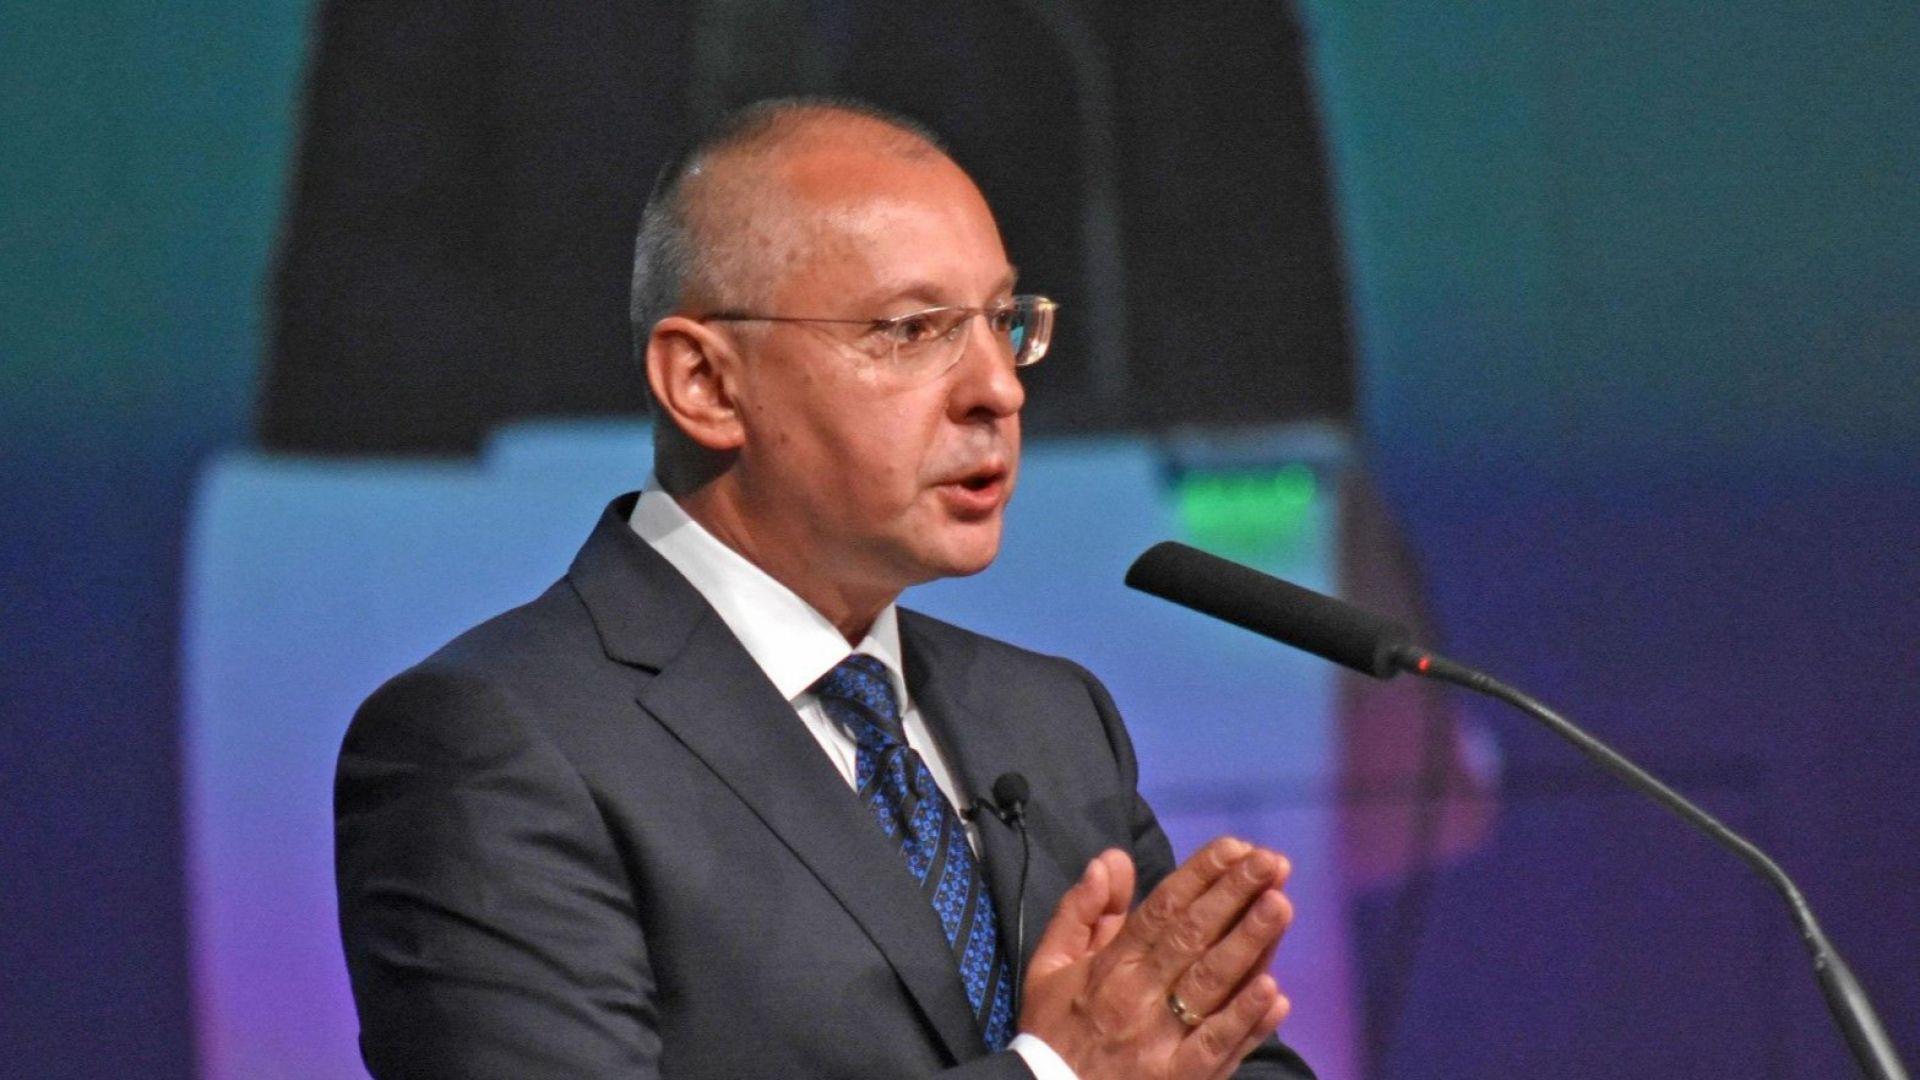 Станишев, Коща, Ципрас и ГСДП на дискусия за евроизборите